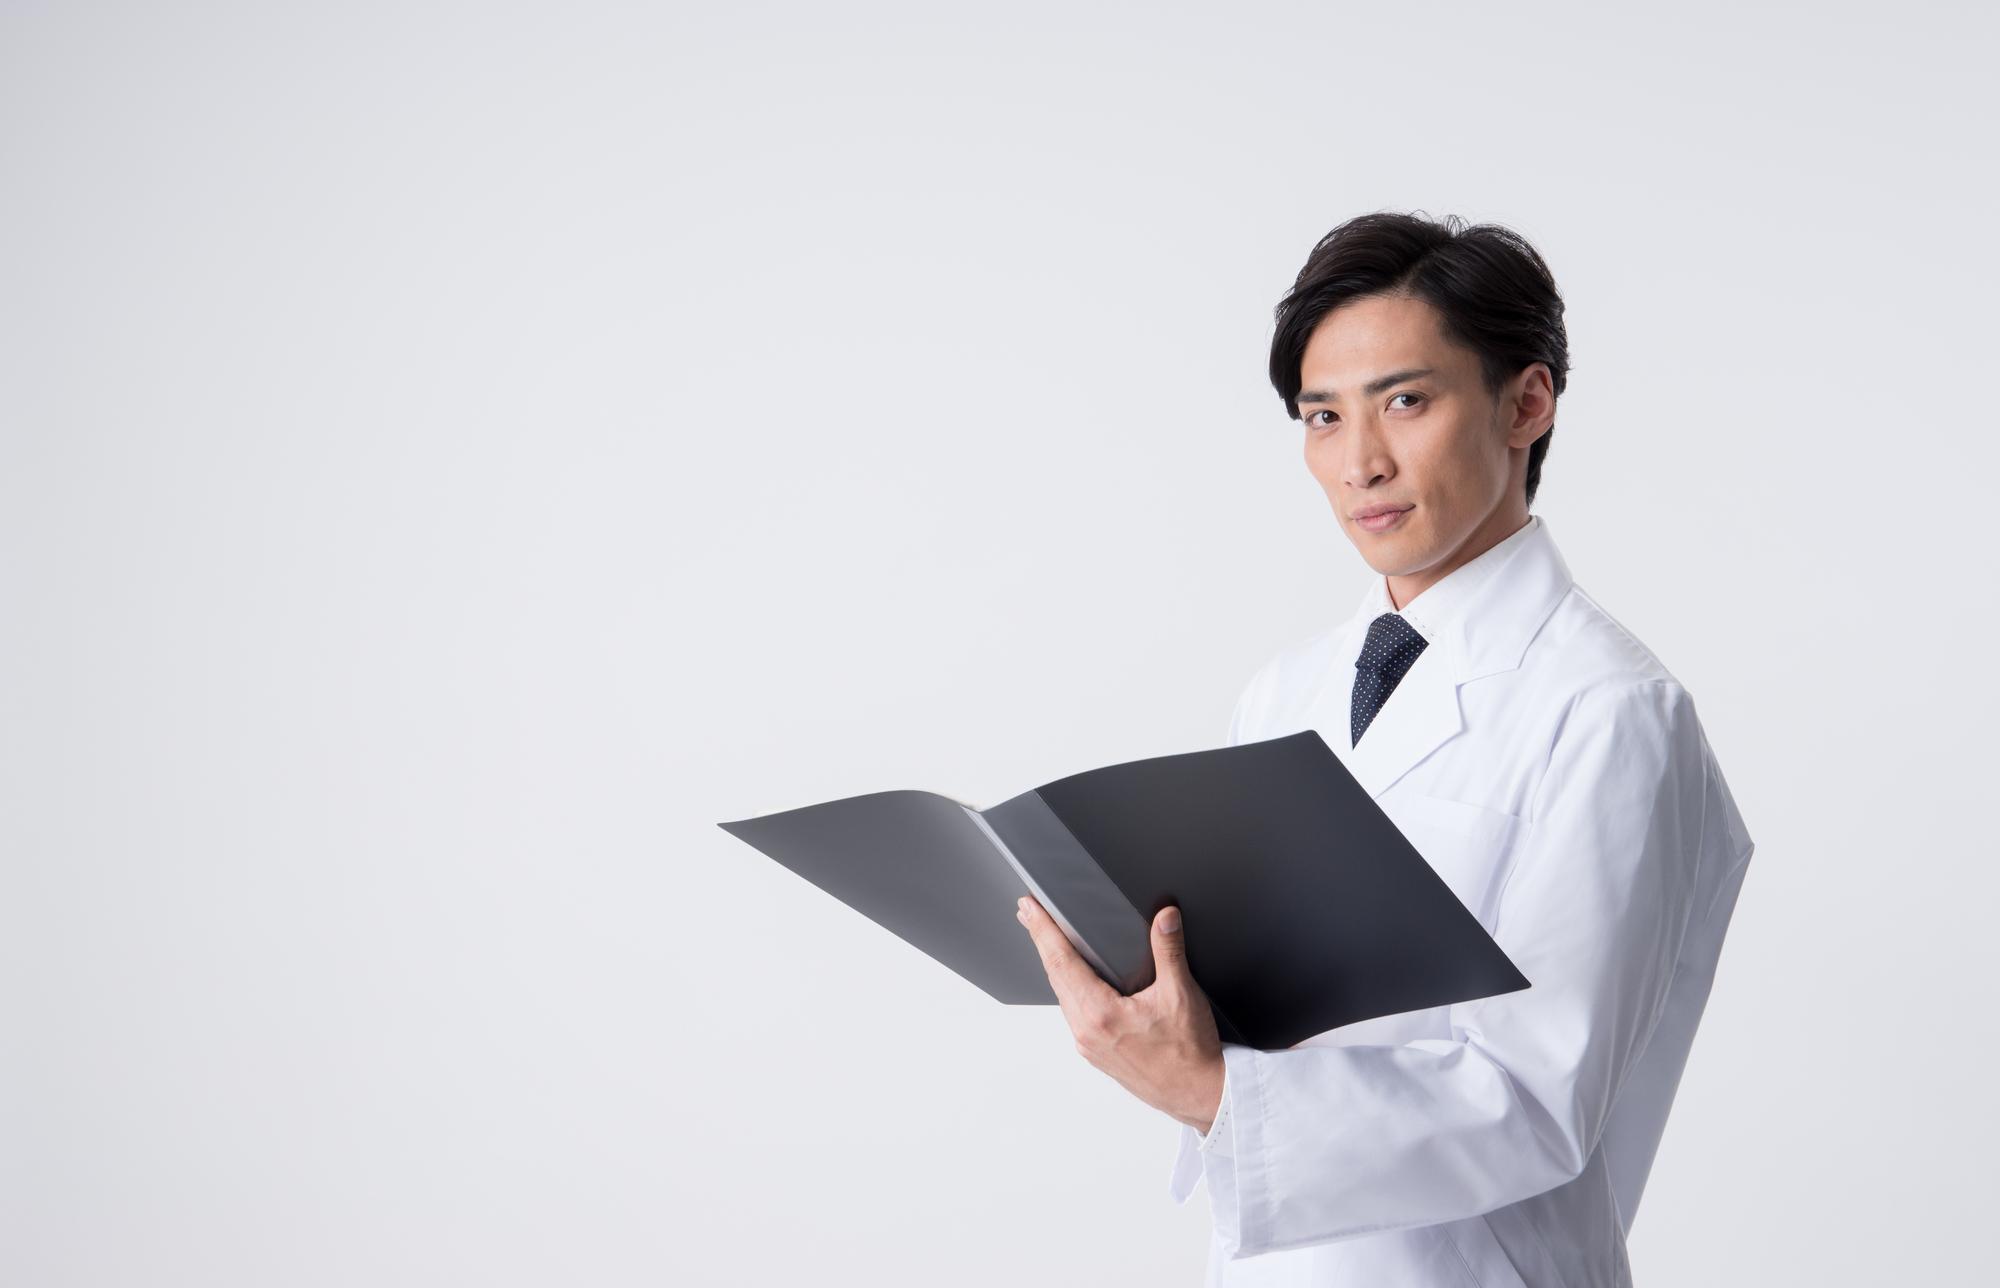 薬剤師が調剤薬局に転職する際の志望動機の書き方【経験者が語る】